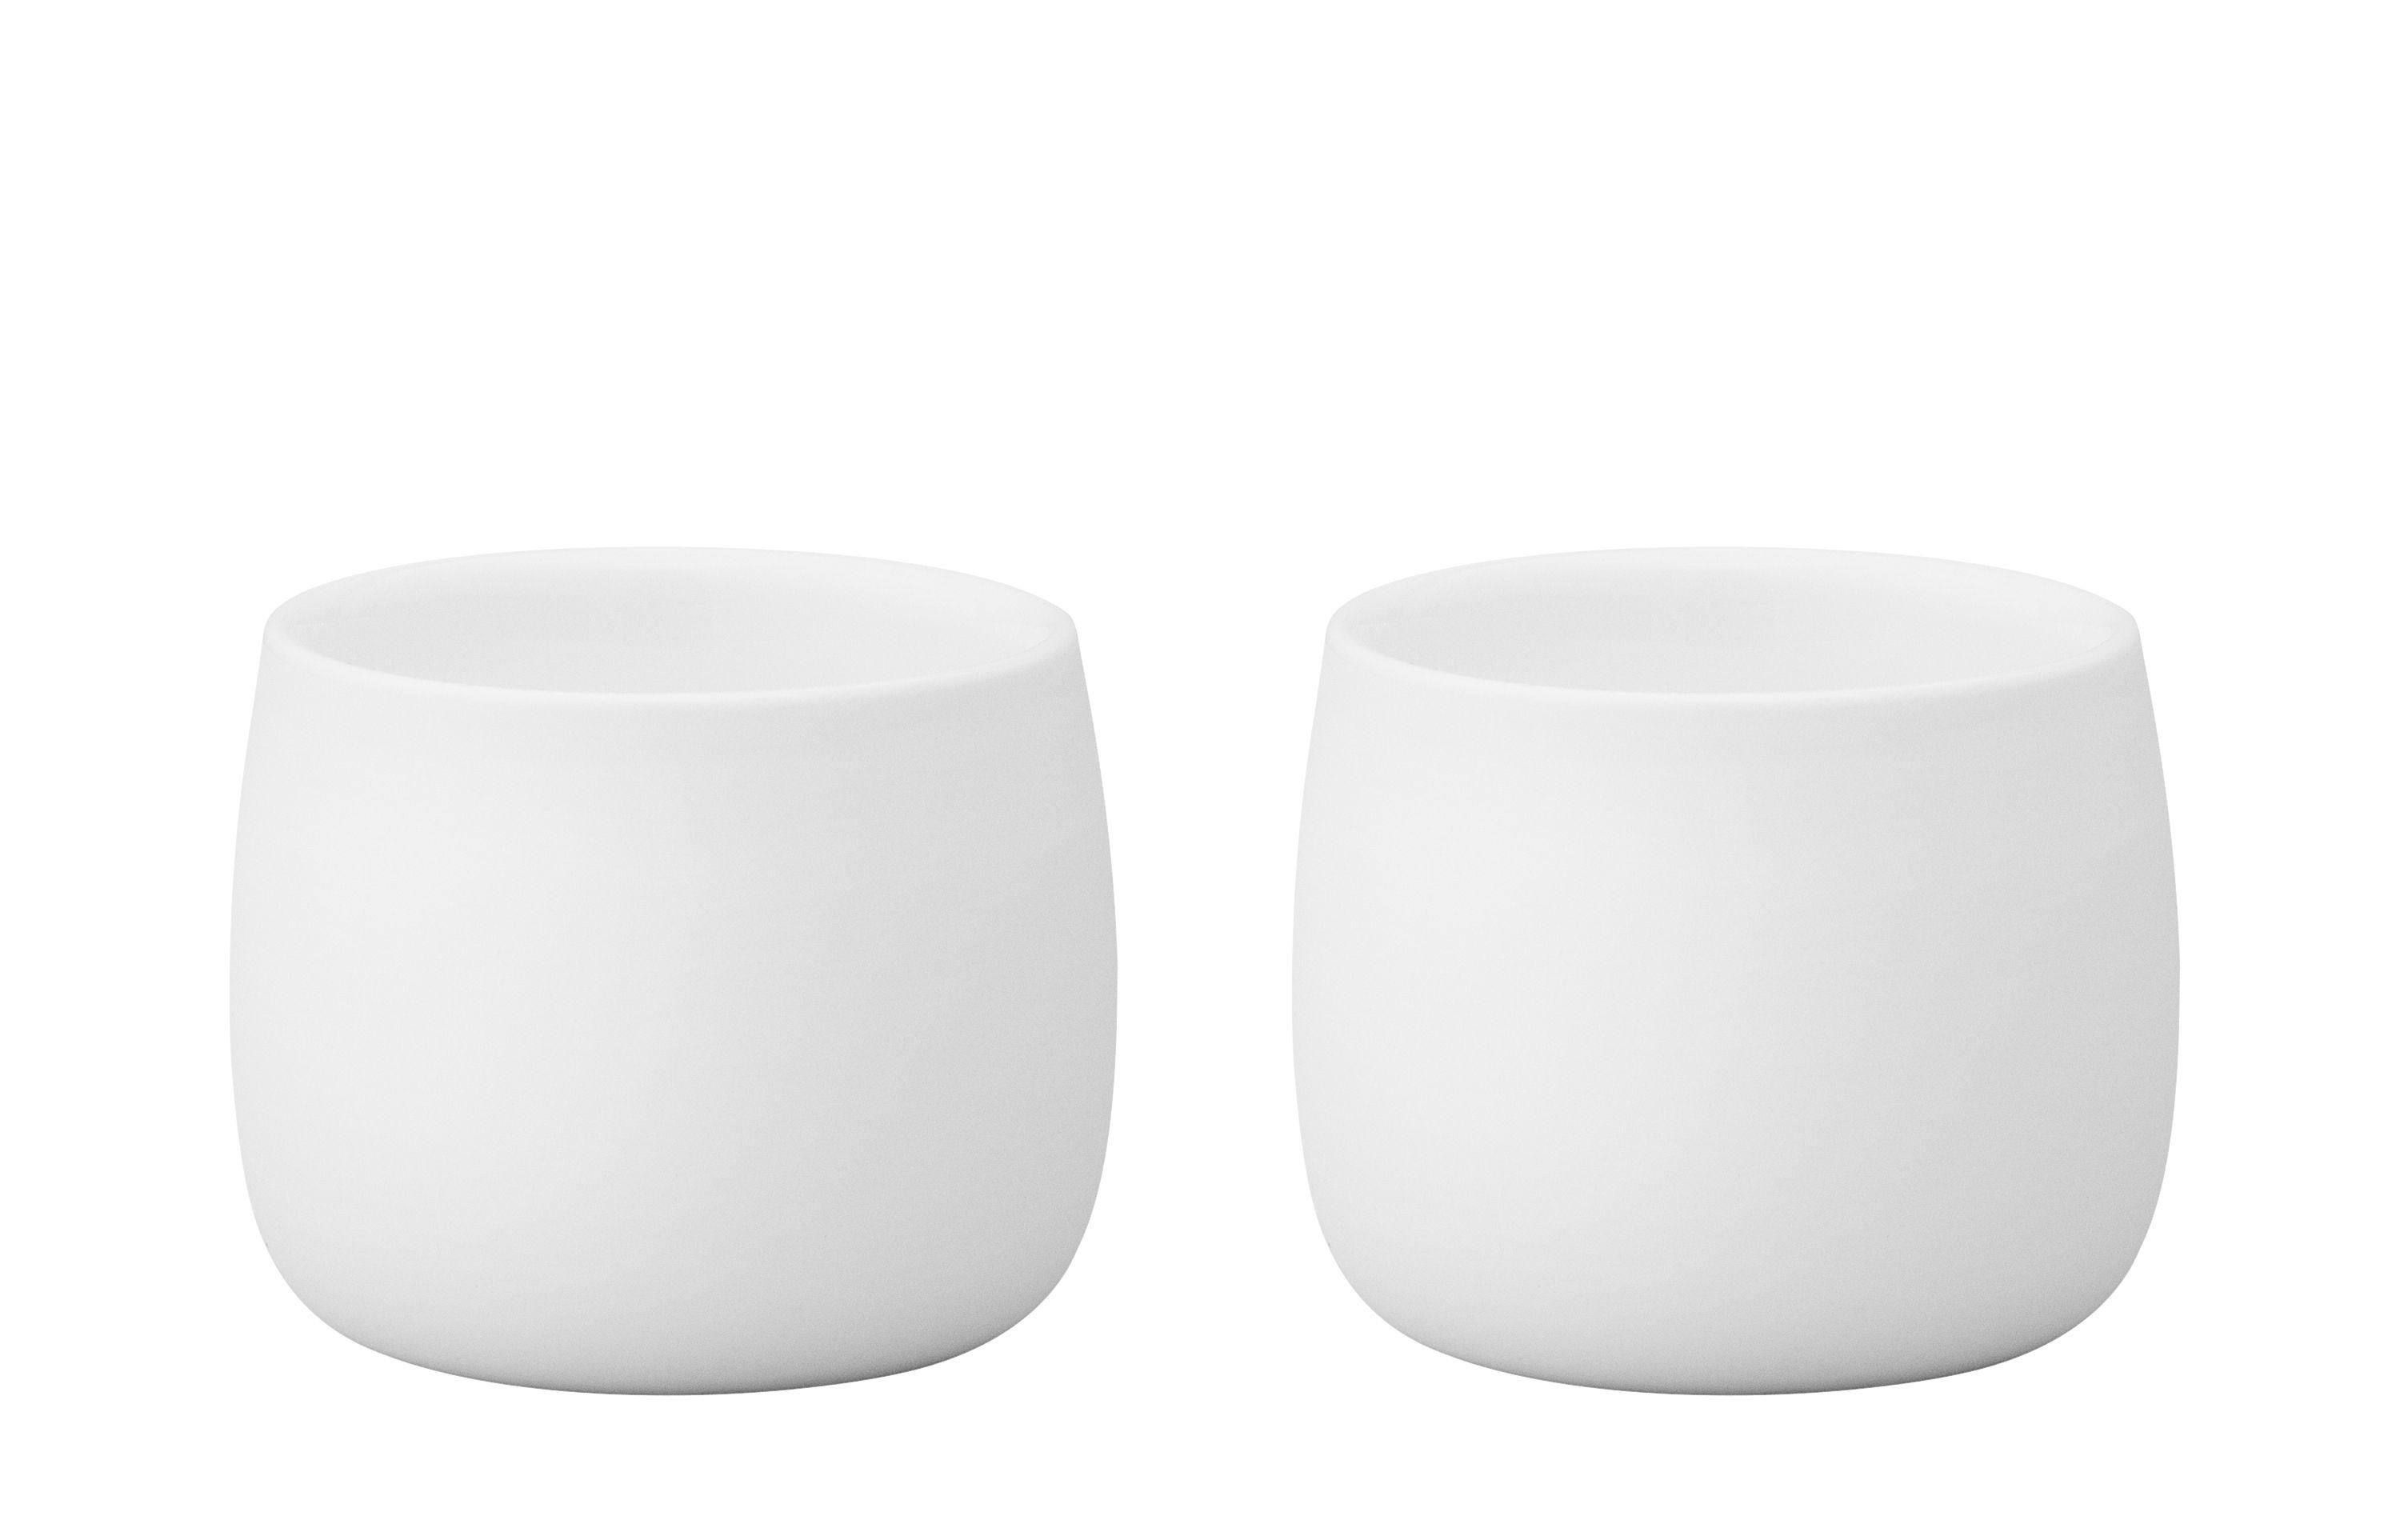 Tischkultur - Tassen und Becher - Foster Espressotasse / 2er-Set - 4 cl - Stelton - Weiß - Porzellan